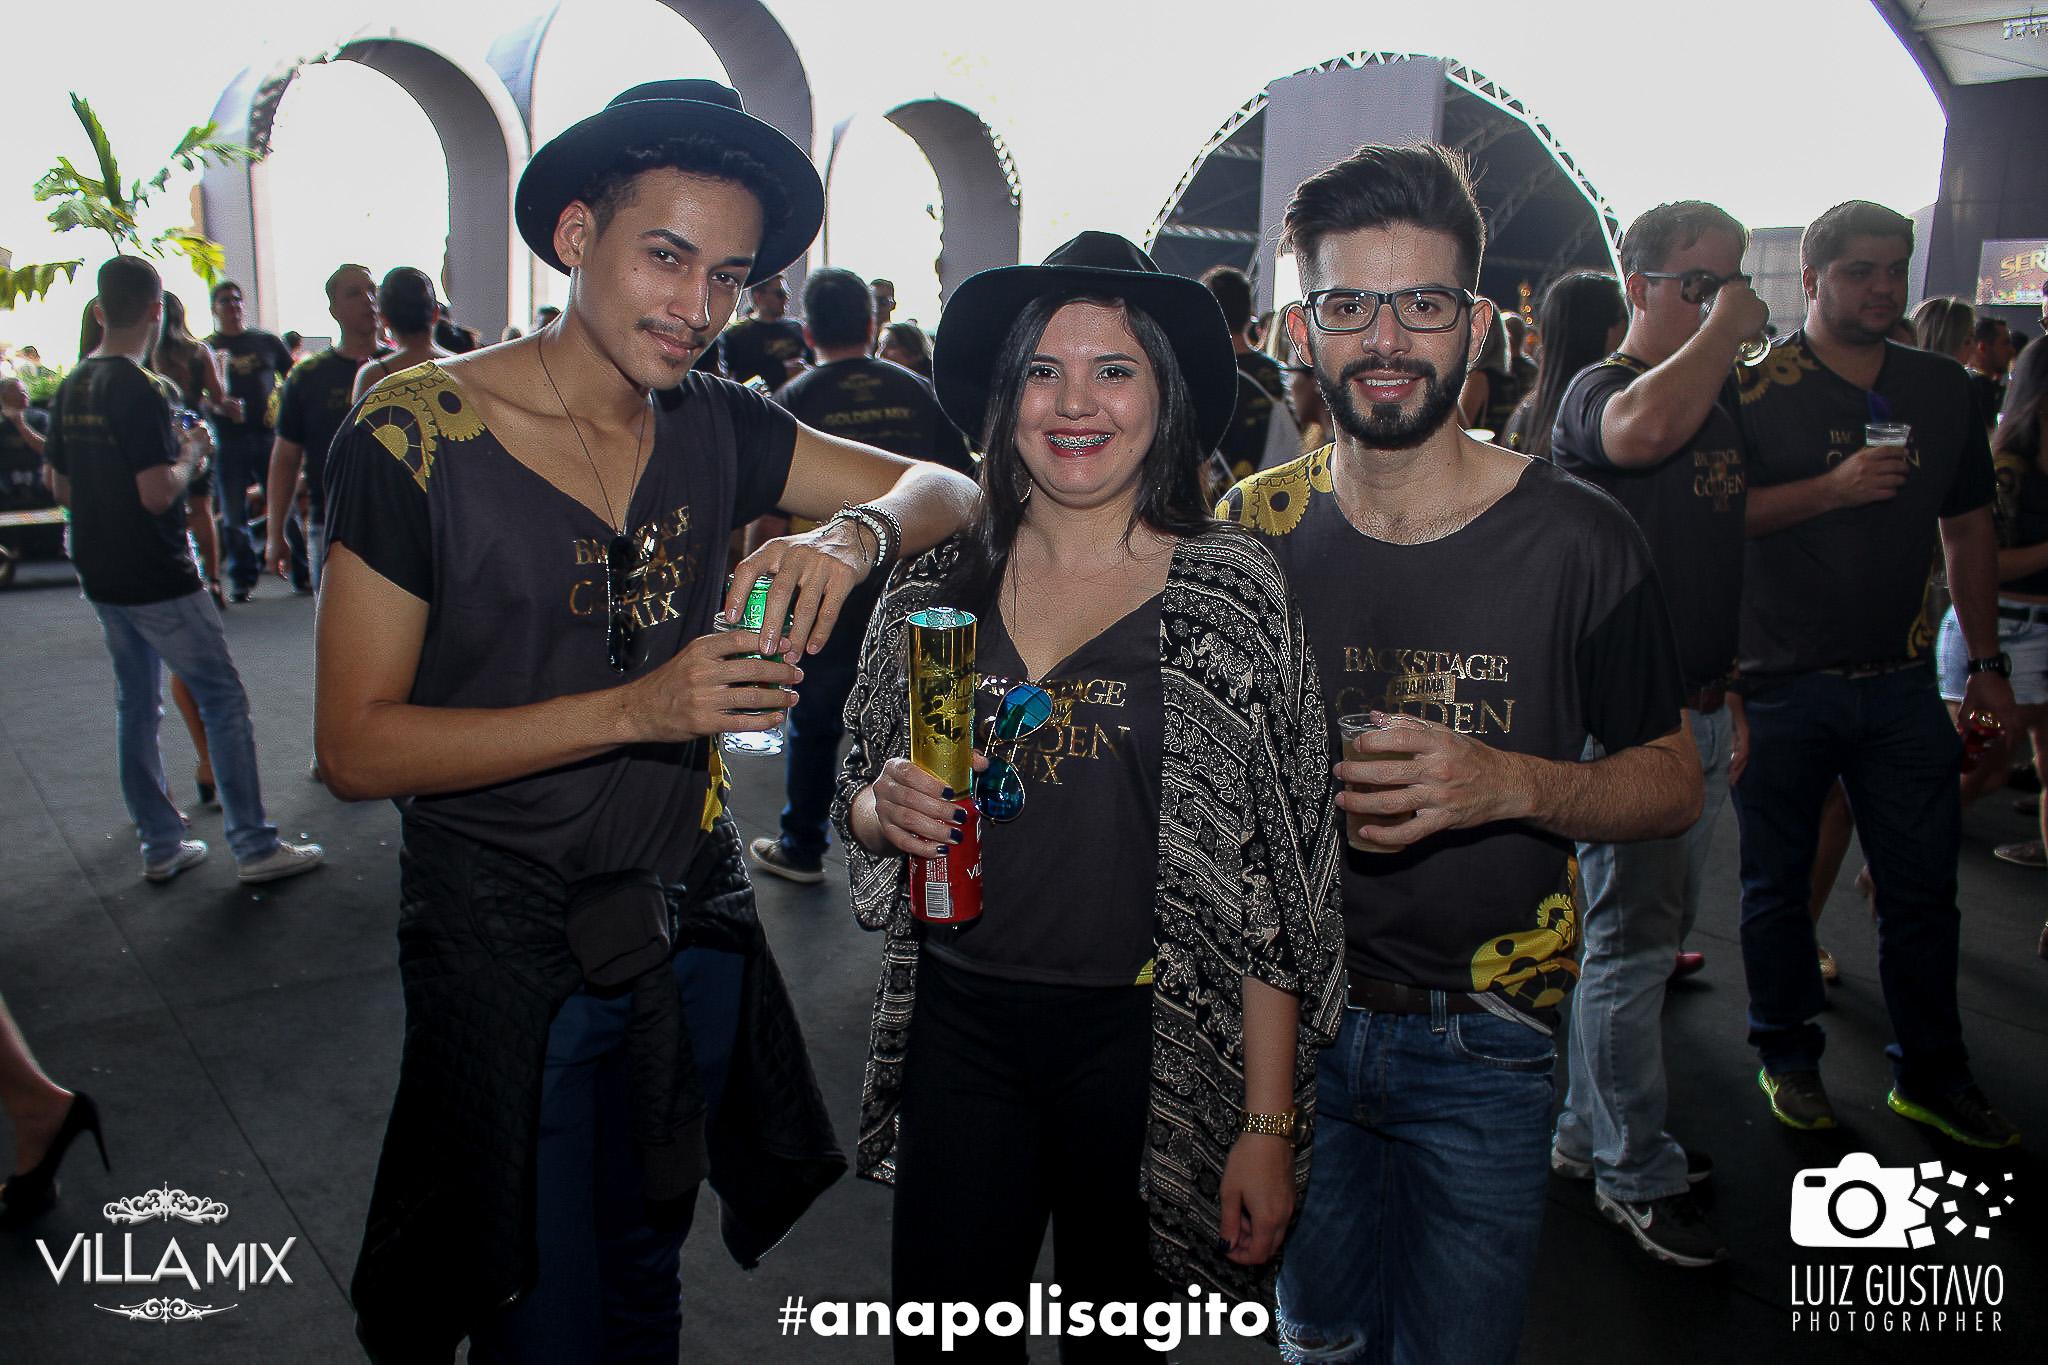 Luiz Gustavo Photographer (27 de 327)